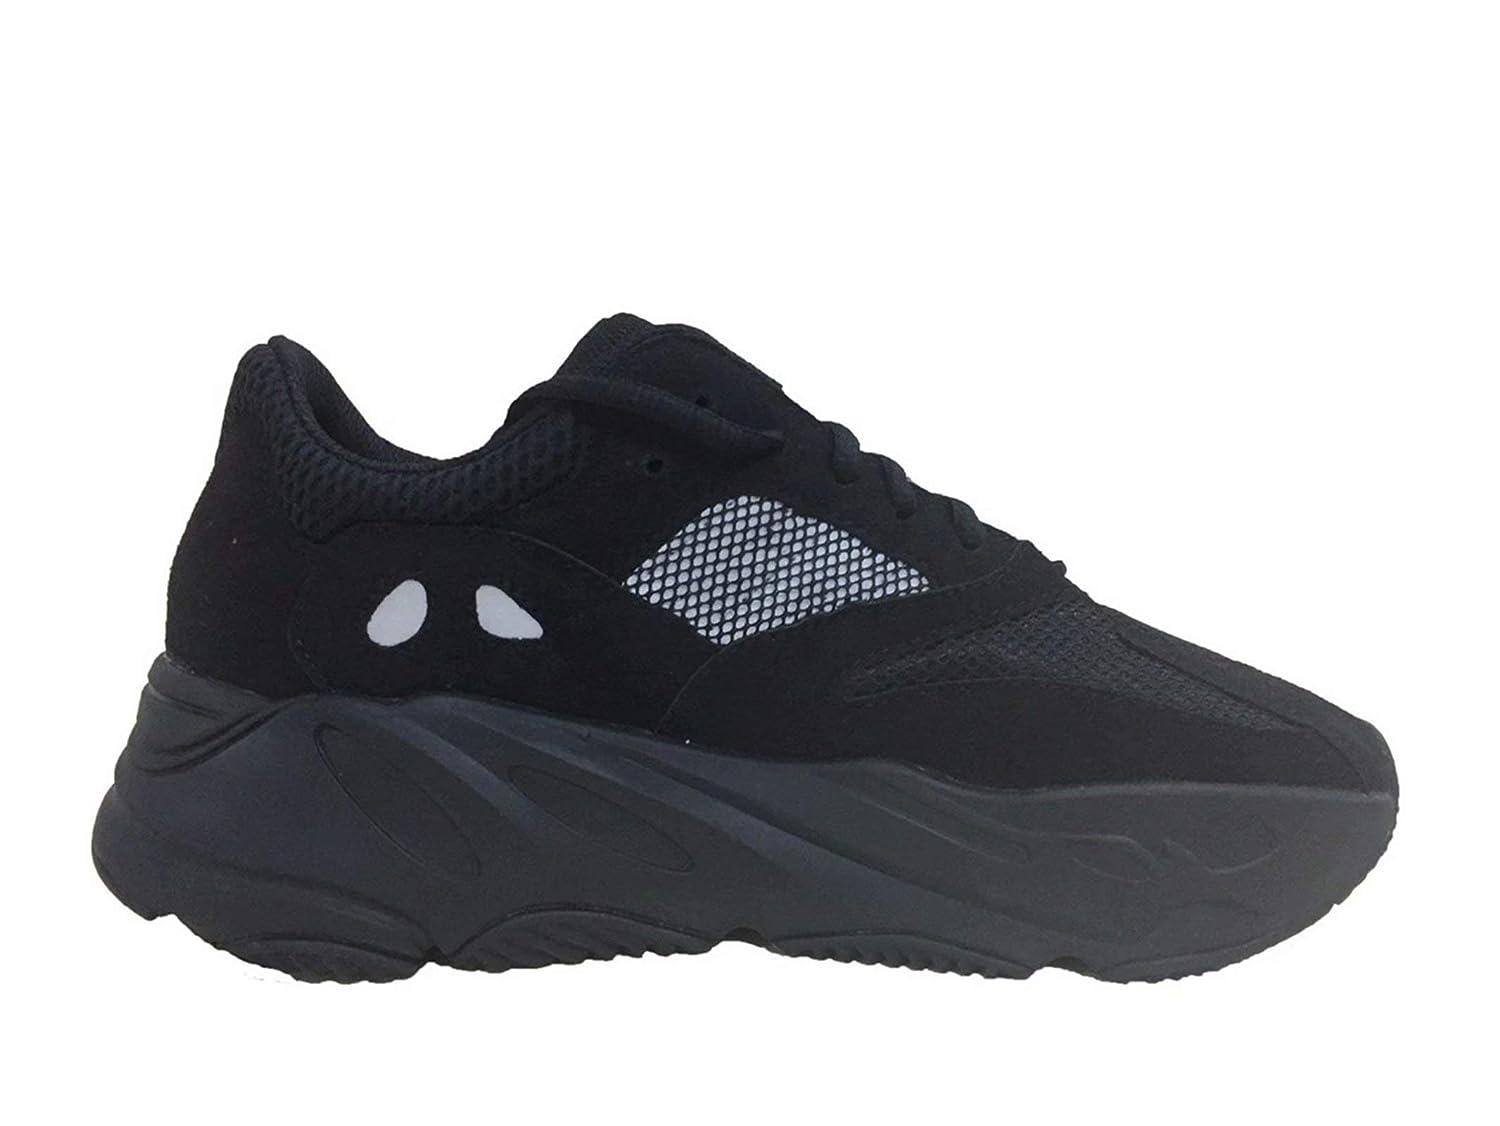 Argent Noir uyrydhgfh 700 Chaussures de Sport pour Hommes Chaussures de Basket-Ball Chaussures de Marche Chaussures de Sport 36 EU